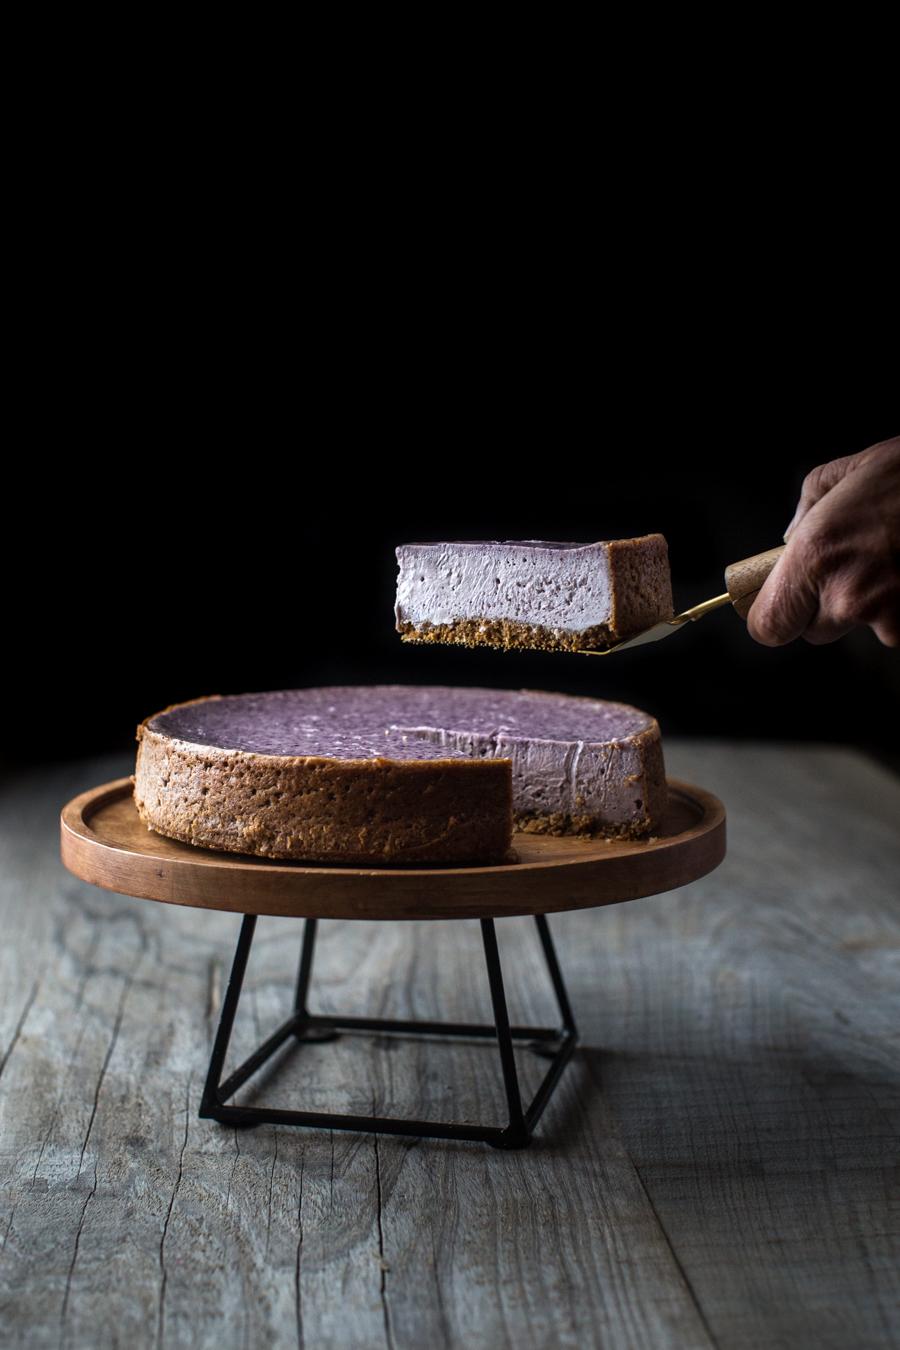 cheesecake-angular-blog.jpg